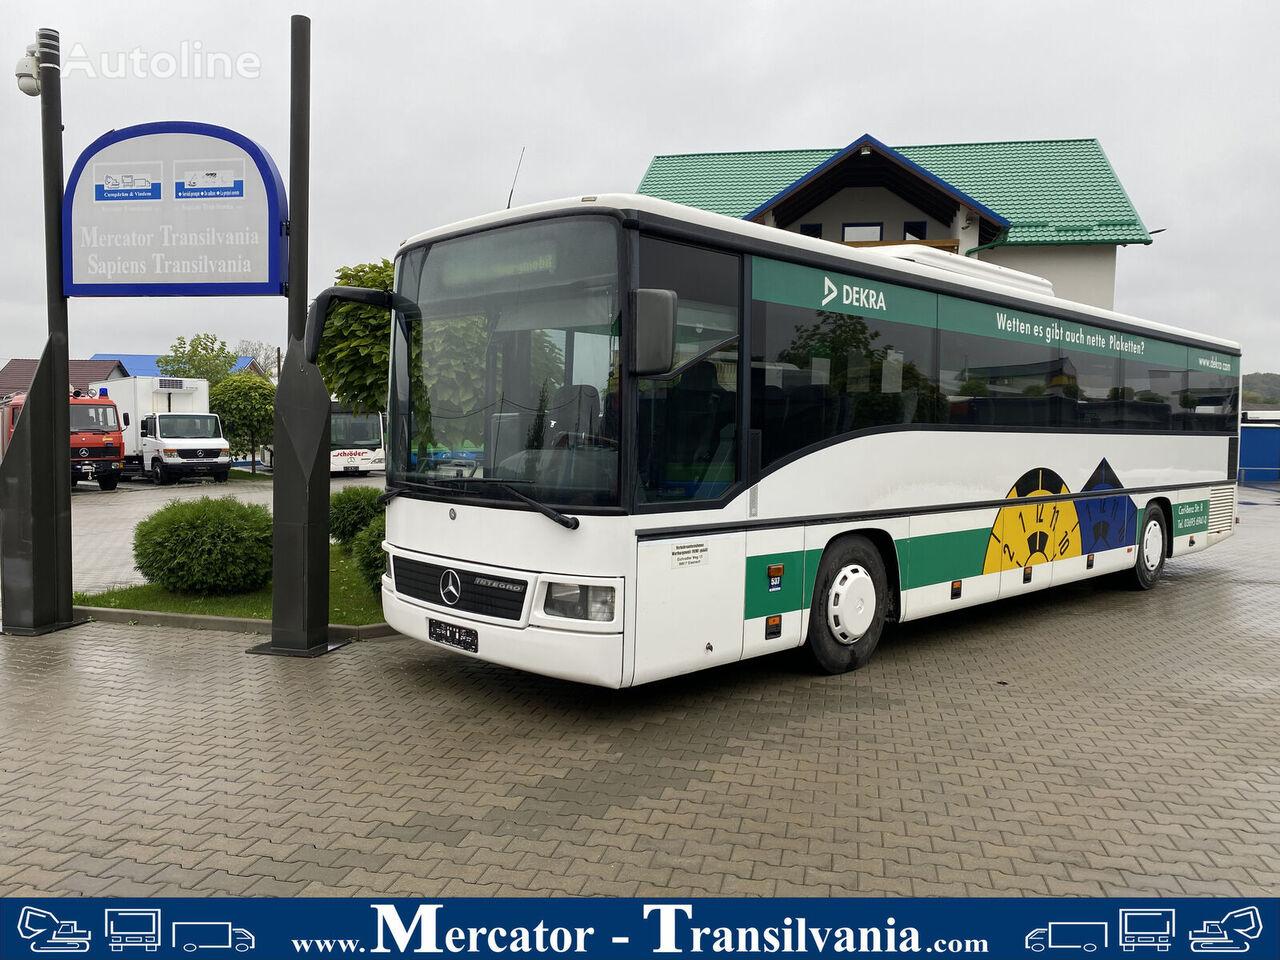 MERCEDES-BENZ O 550 Integro / Klima / Schalt. / Retarder / 12-2004 interurban bus